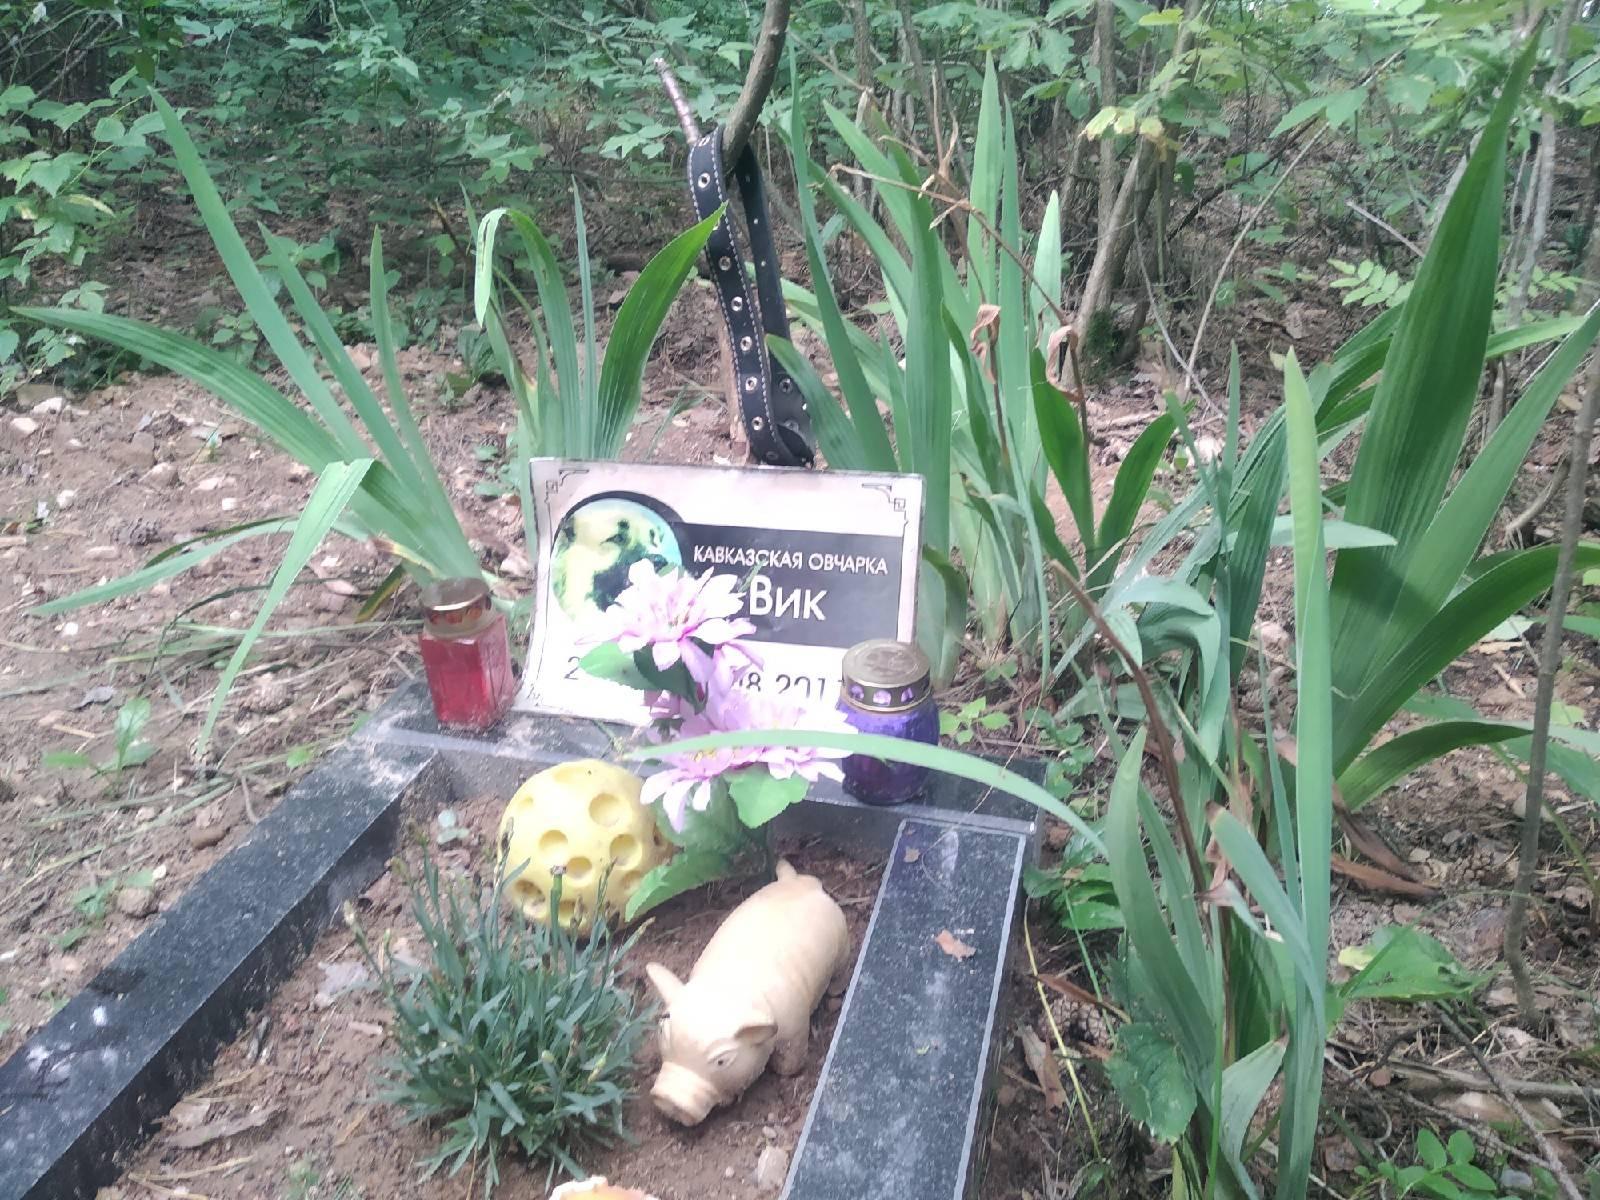 Организация похорон: как проходит, хоронят людей, порядок действий